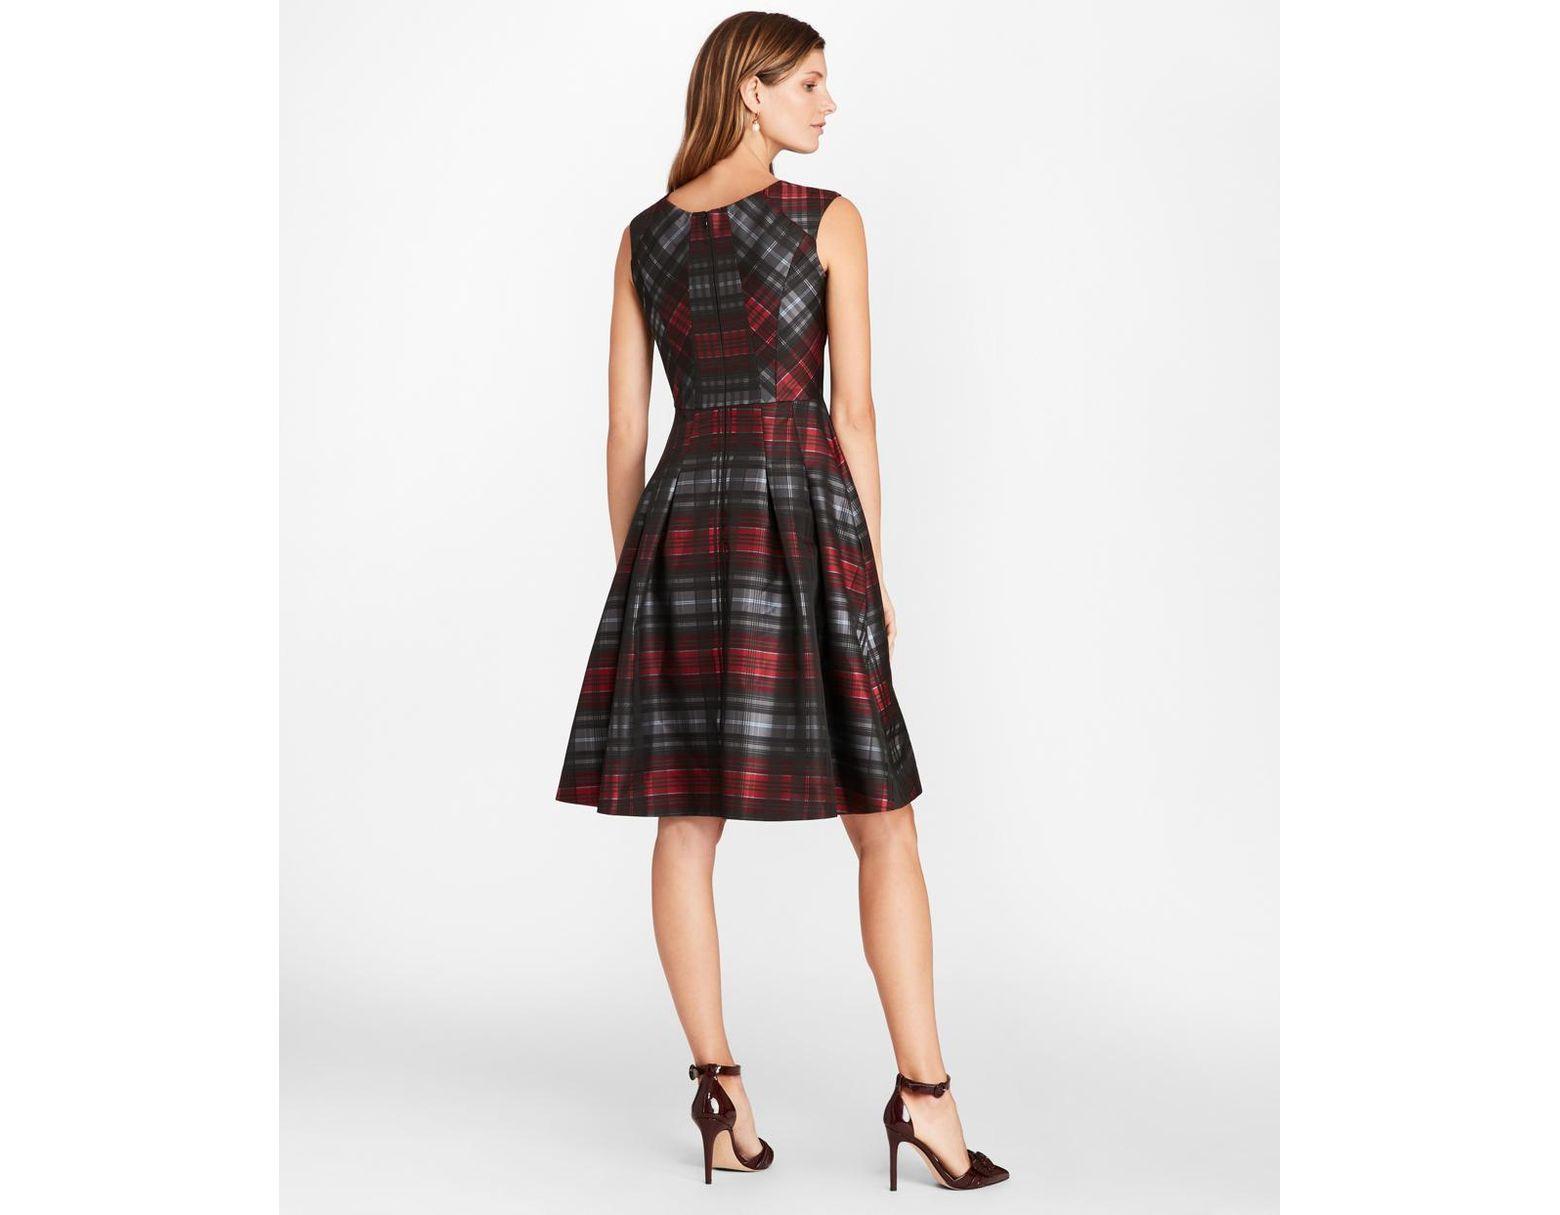 f3fda6e669f8a Brooks Brothers Petite Tartan Jacquard Dress in Black - Save 33% - Lyst